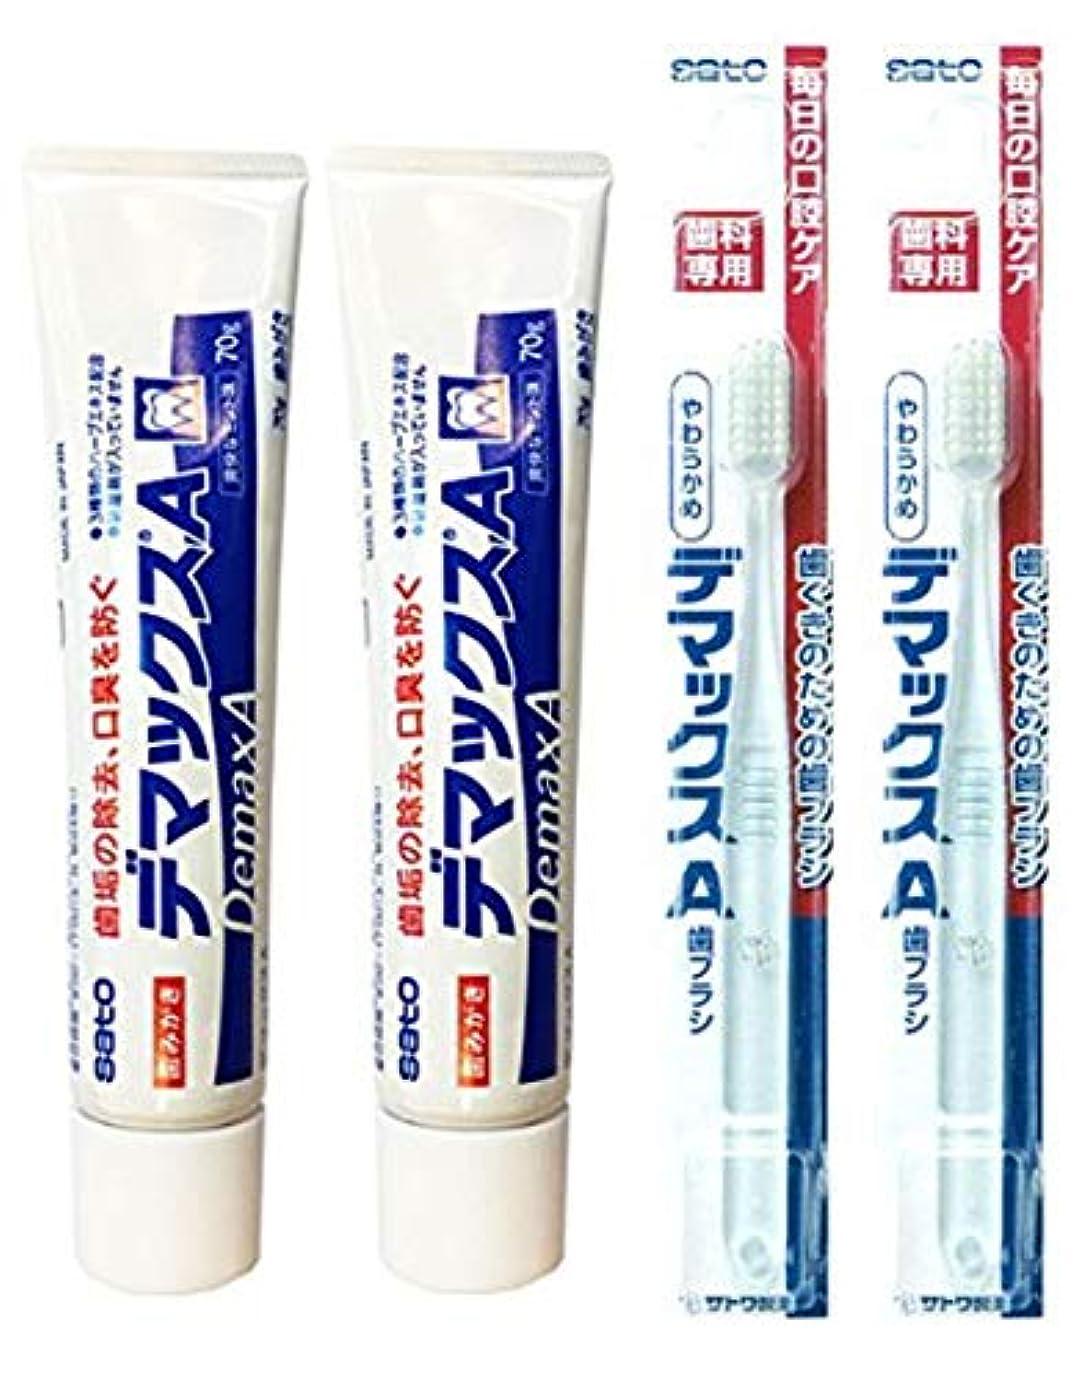 佐藤製薬 デマックスA 歯磨き粉(70g) 2個 + デマックスA 歯ブラシ 2本 セット